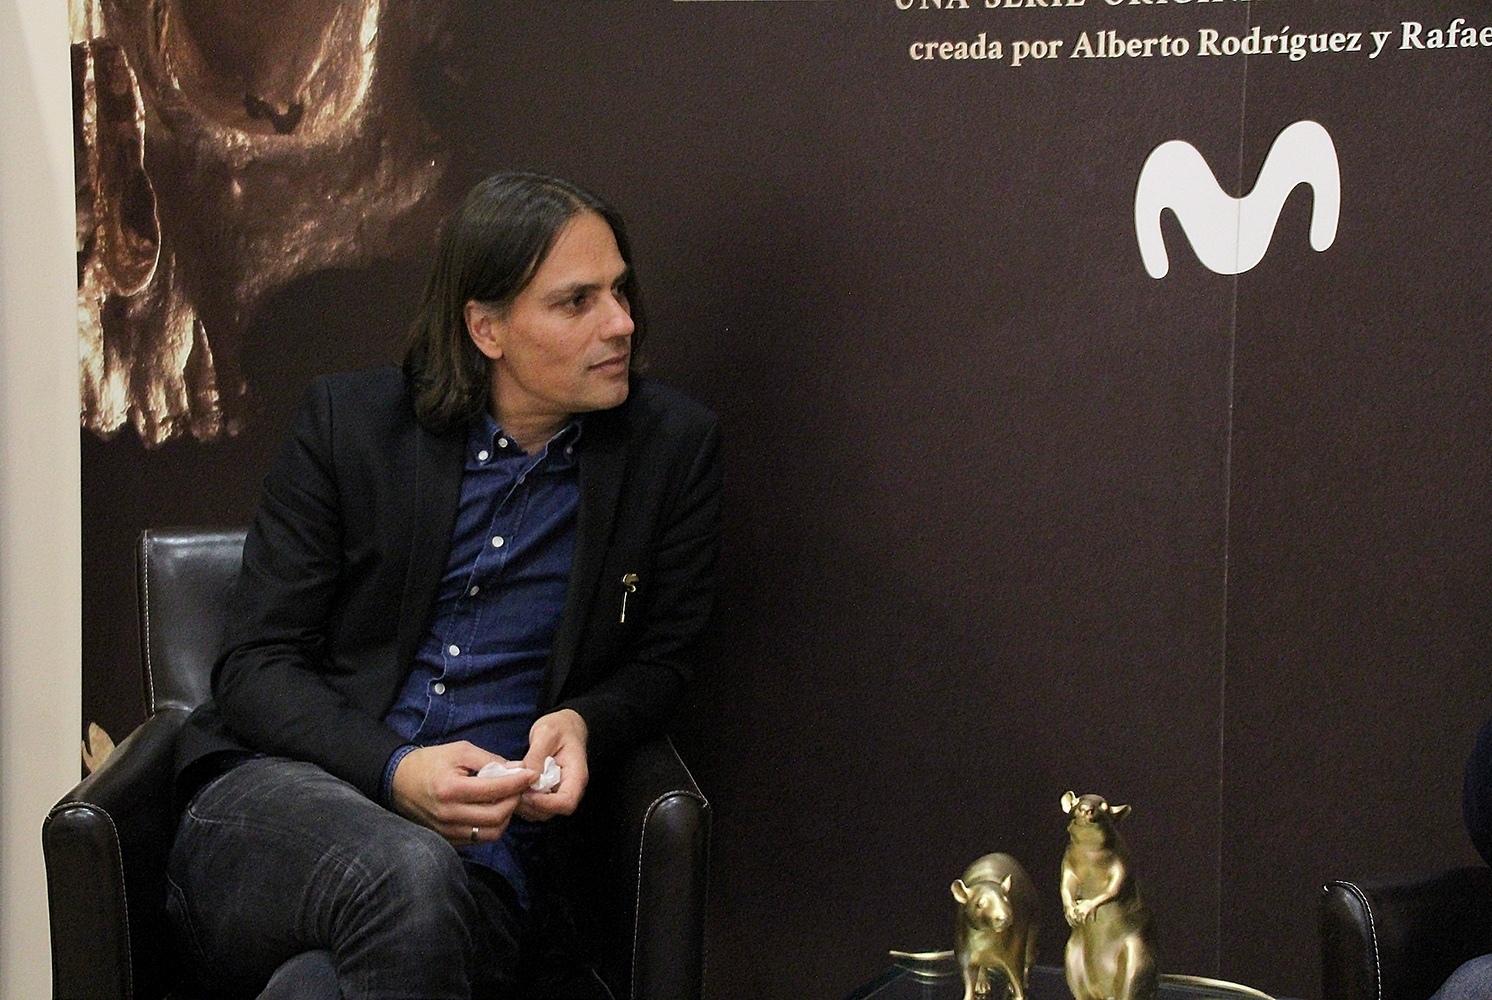 """Alberto Rodríguez: """"La Peste es una serie que va buscando en todo momento los contrastes, las luces y las sombras"""""""